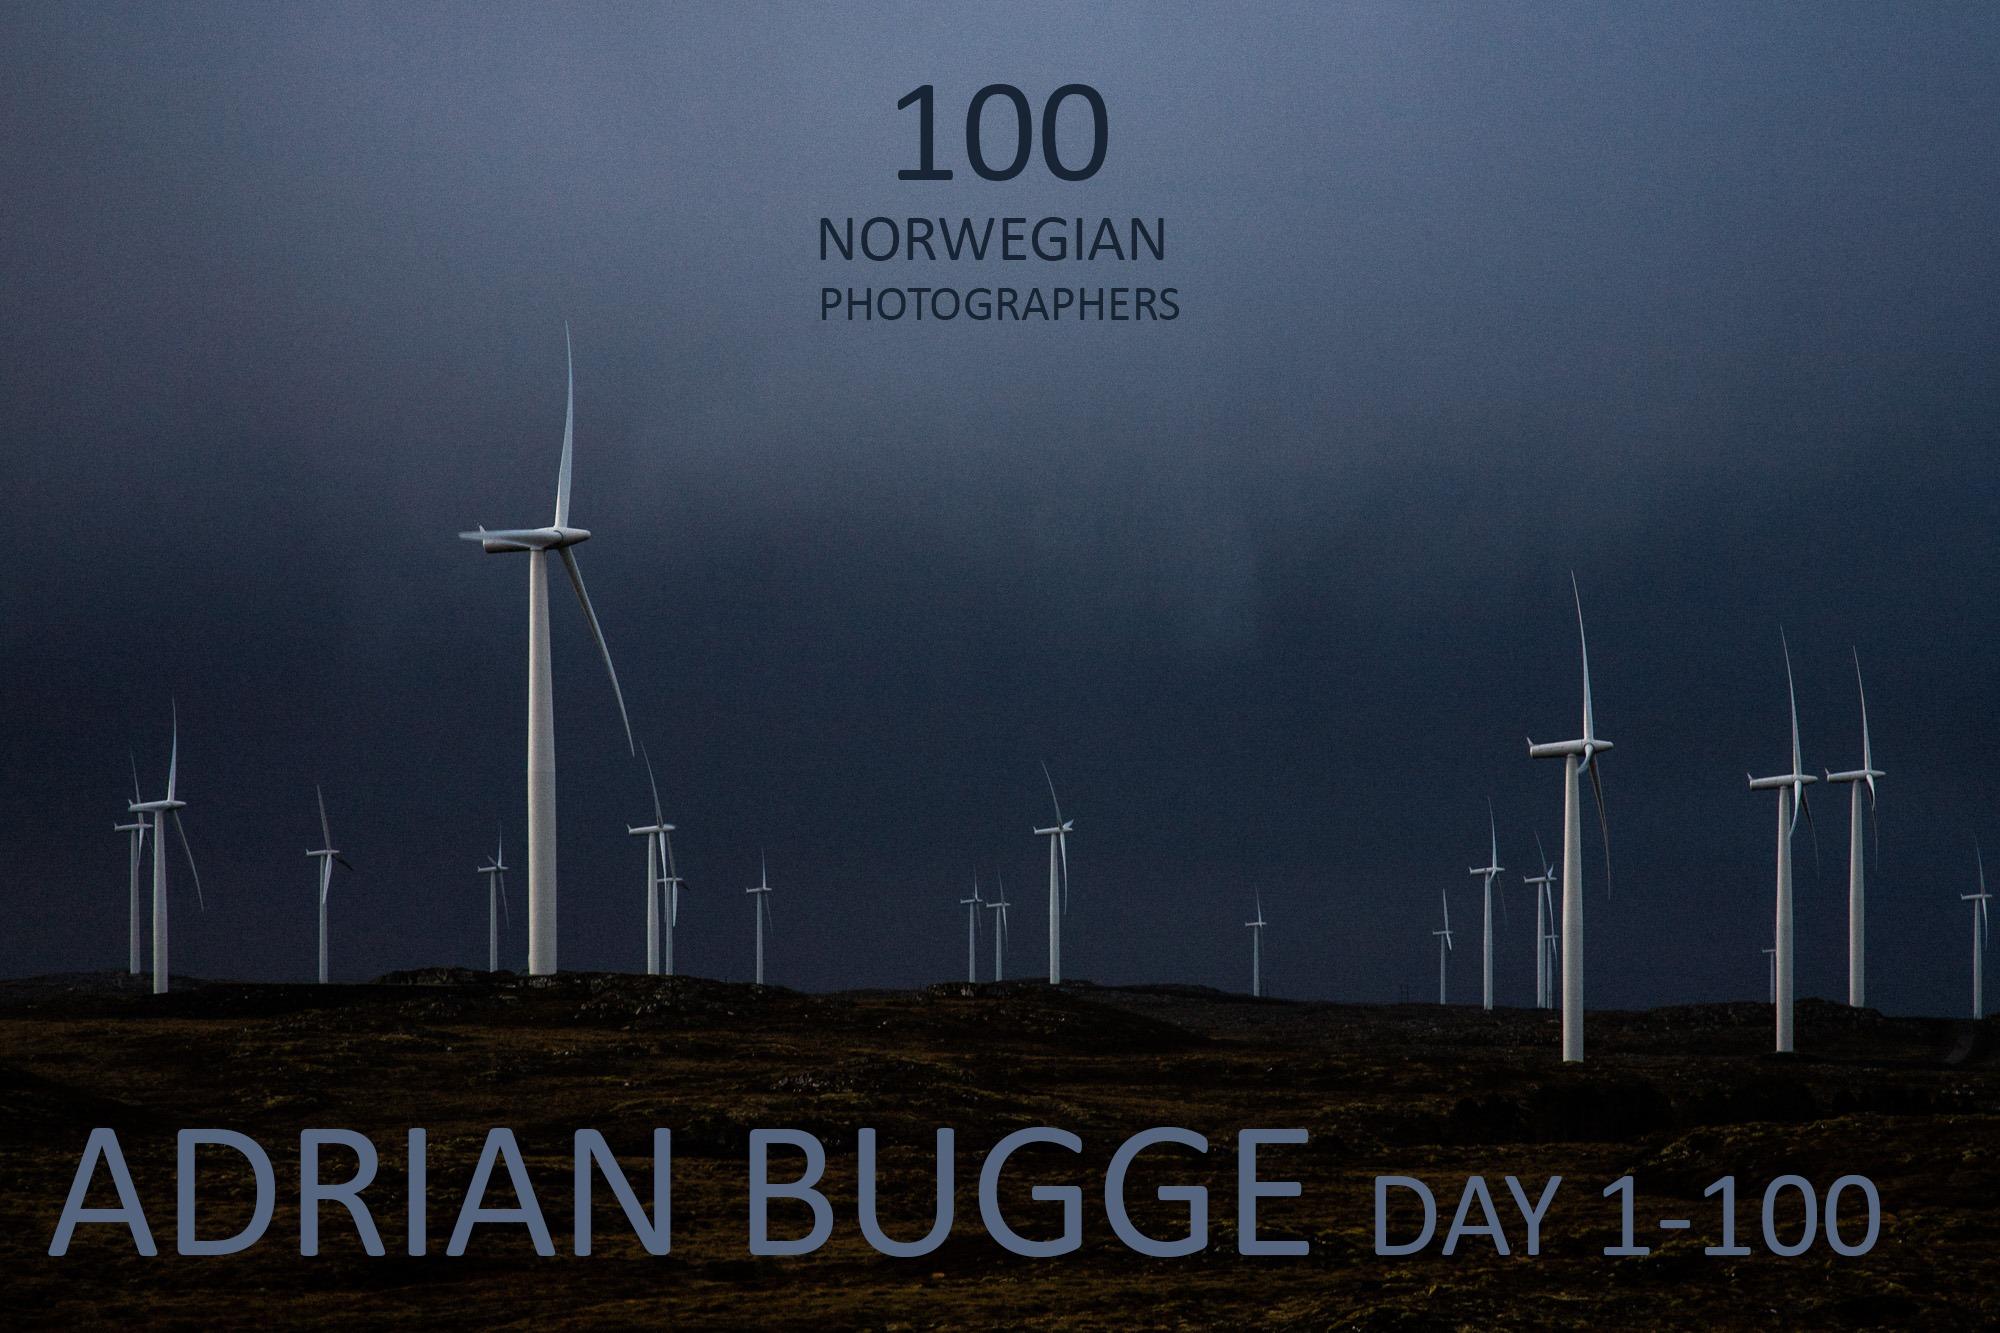 DAY 1-100: ADRIAN BUGGE, Hybridlandskap, Smøla 2009 Klikk på bildet for å komme til nettsiden og se flere bilder og lese om Inngrepprosjektet bildet er hentet fra.